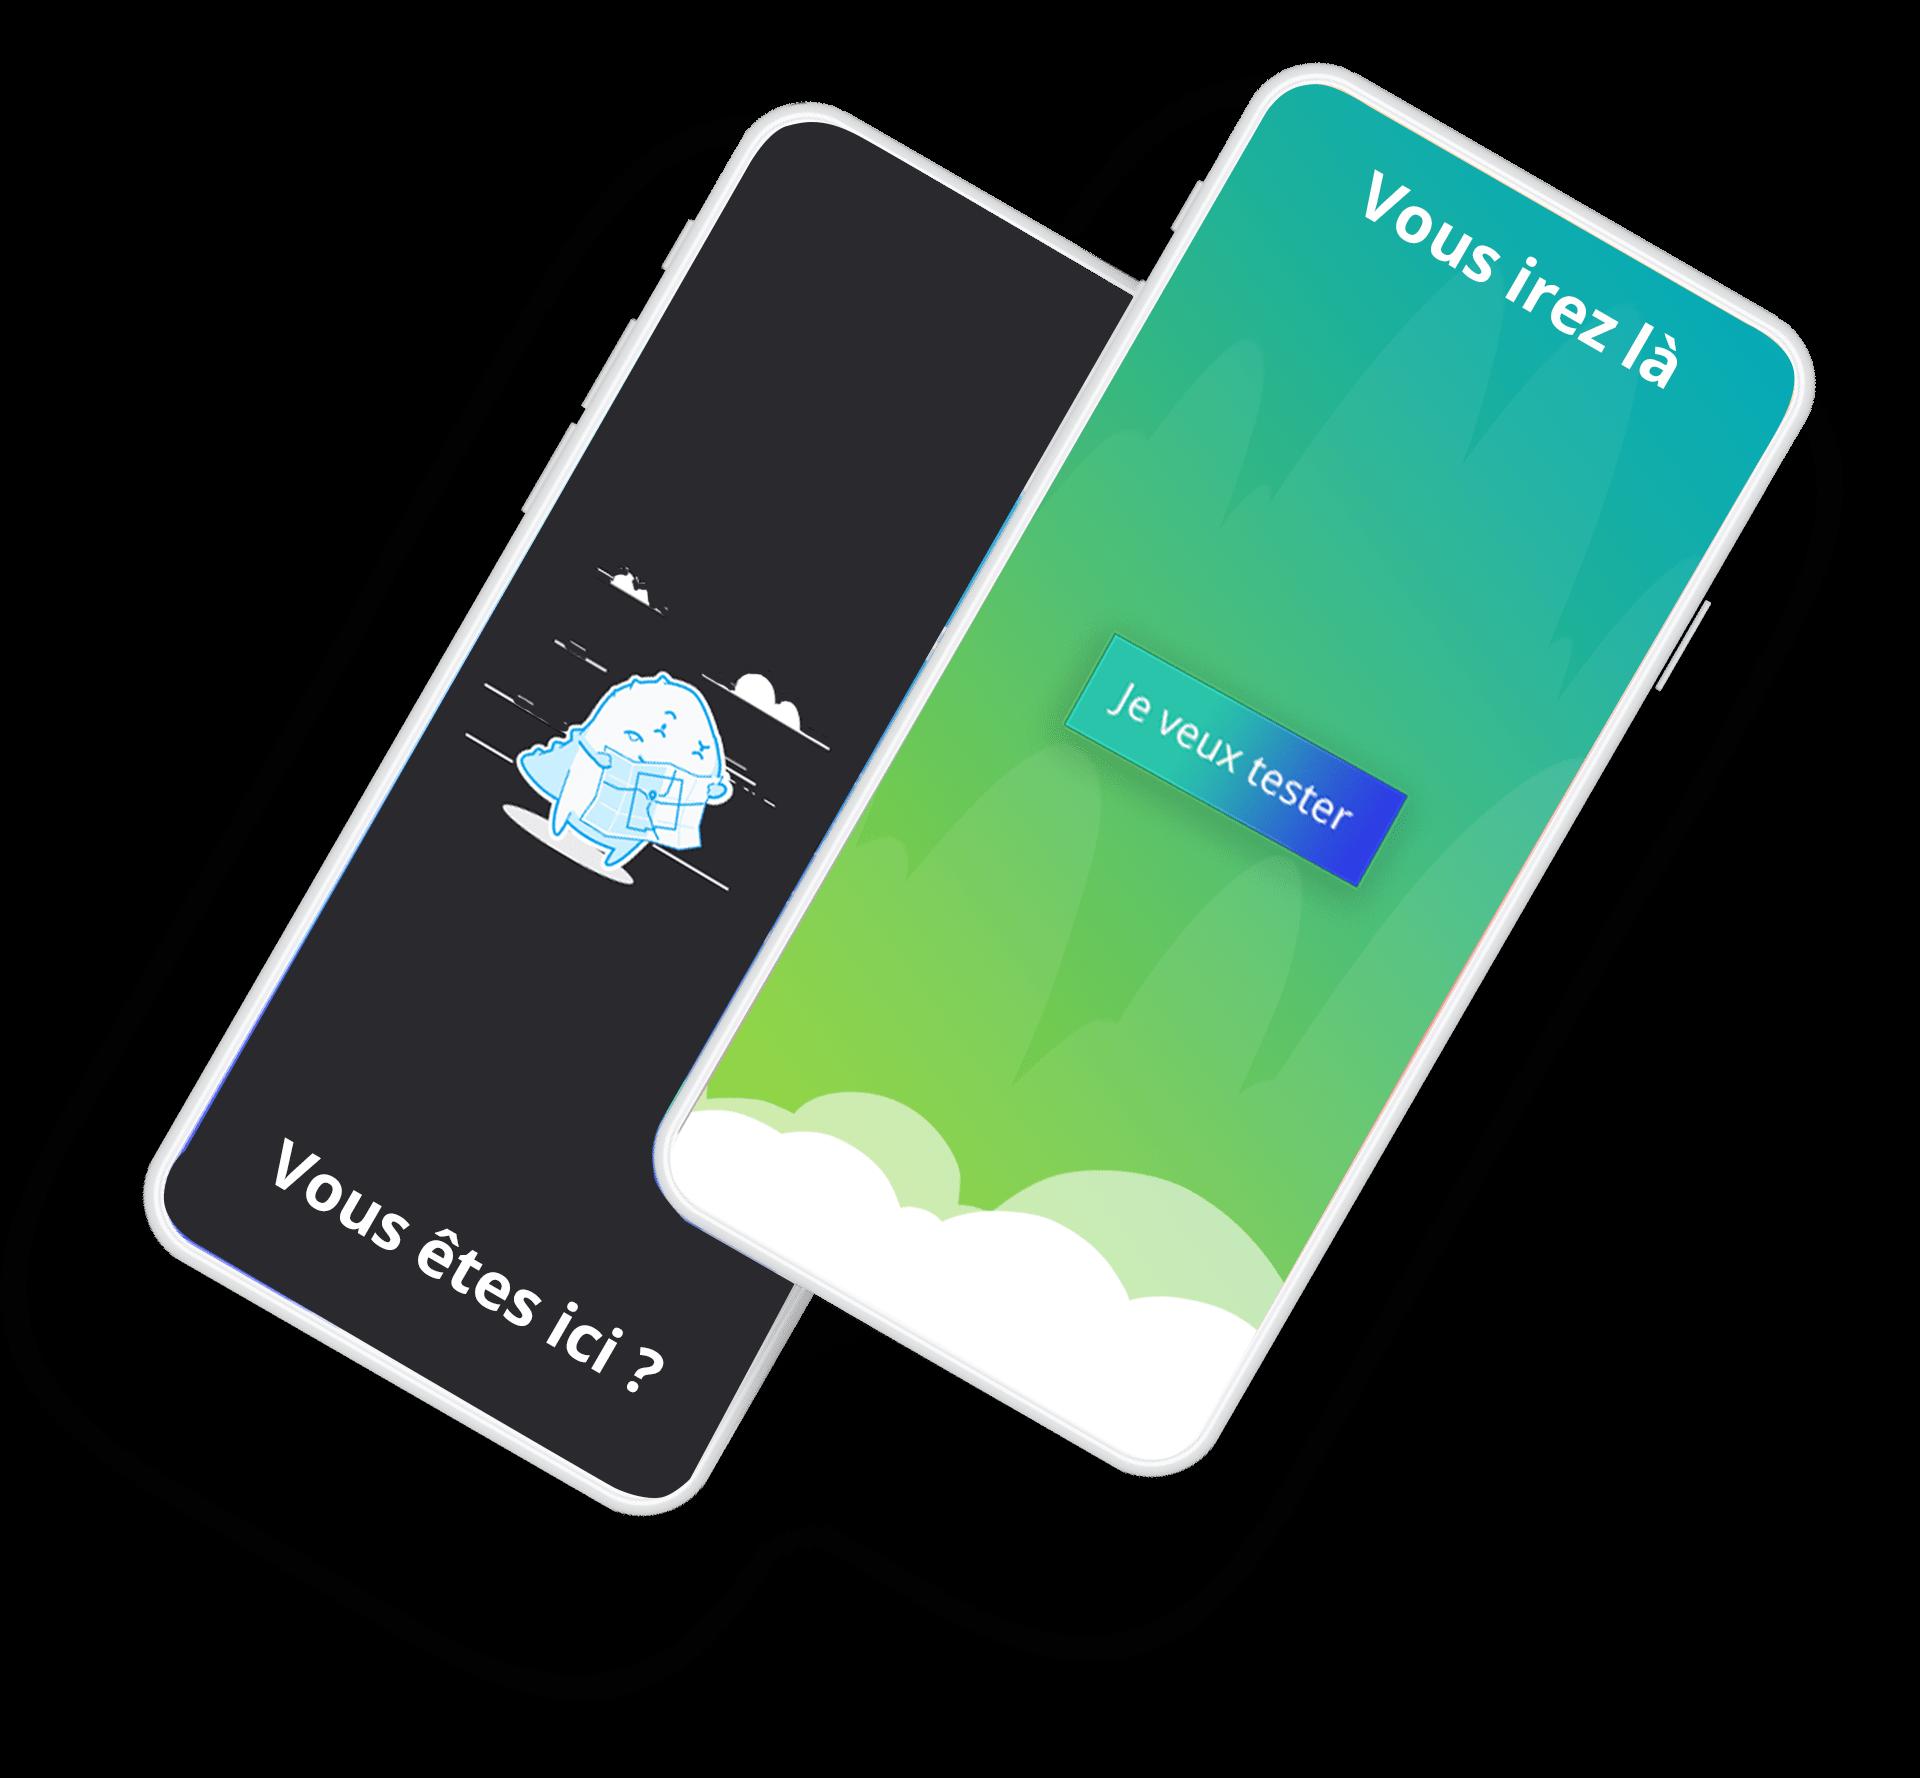 représentation de 2 téléphones mobiles, un avec une page 404 l'autre avec avec une page fonctionnelle